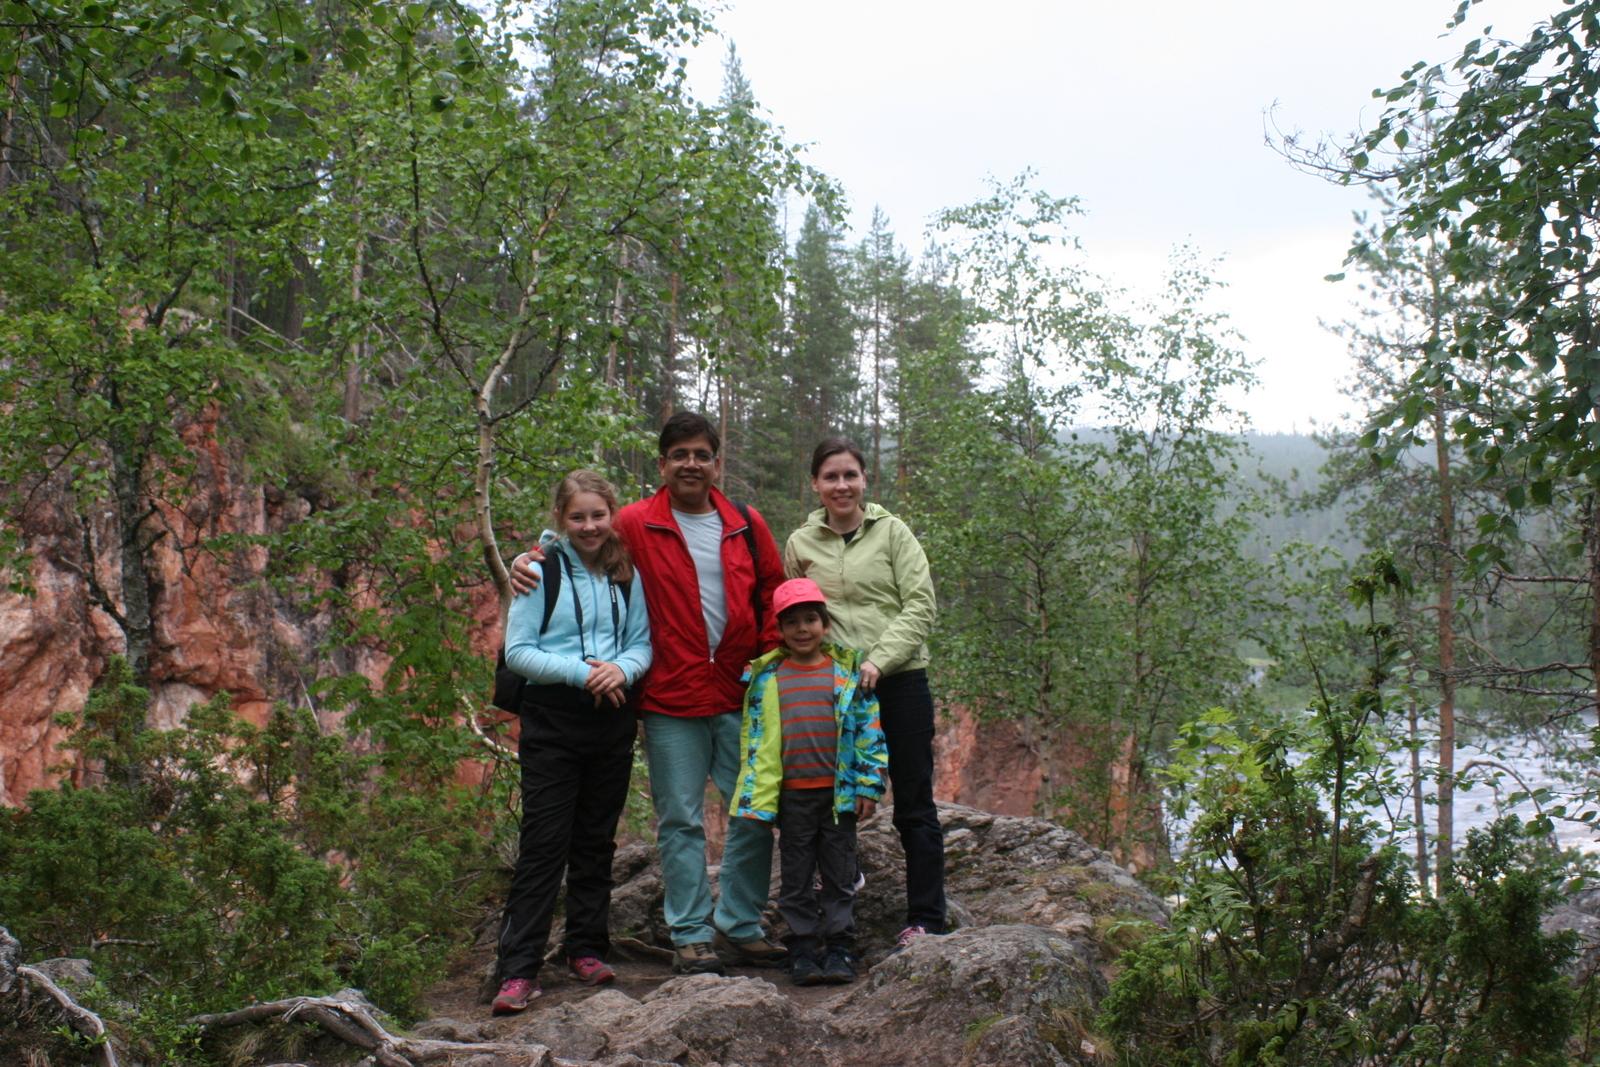 Oulangan kansallispuisto. Ketään muita ei ollut paikalla. Saimme viriteltyä kameran kivelle.